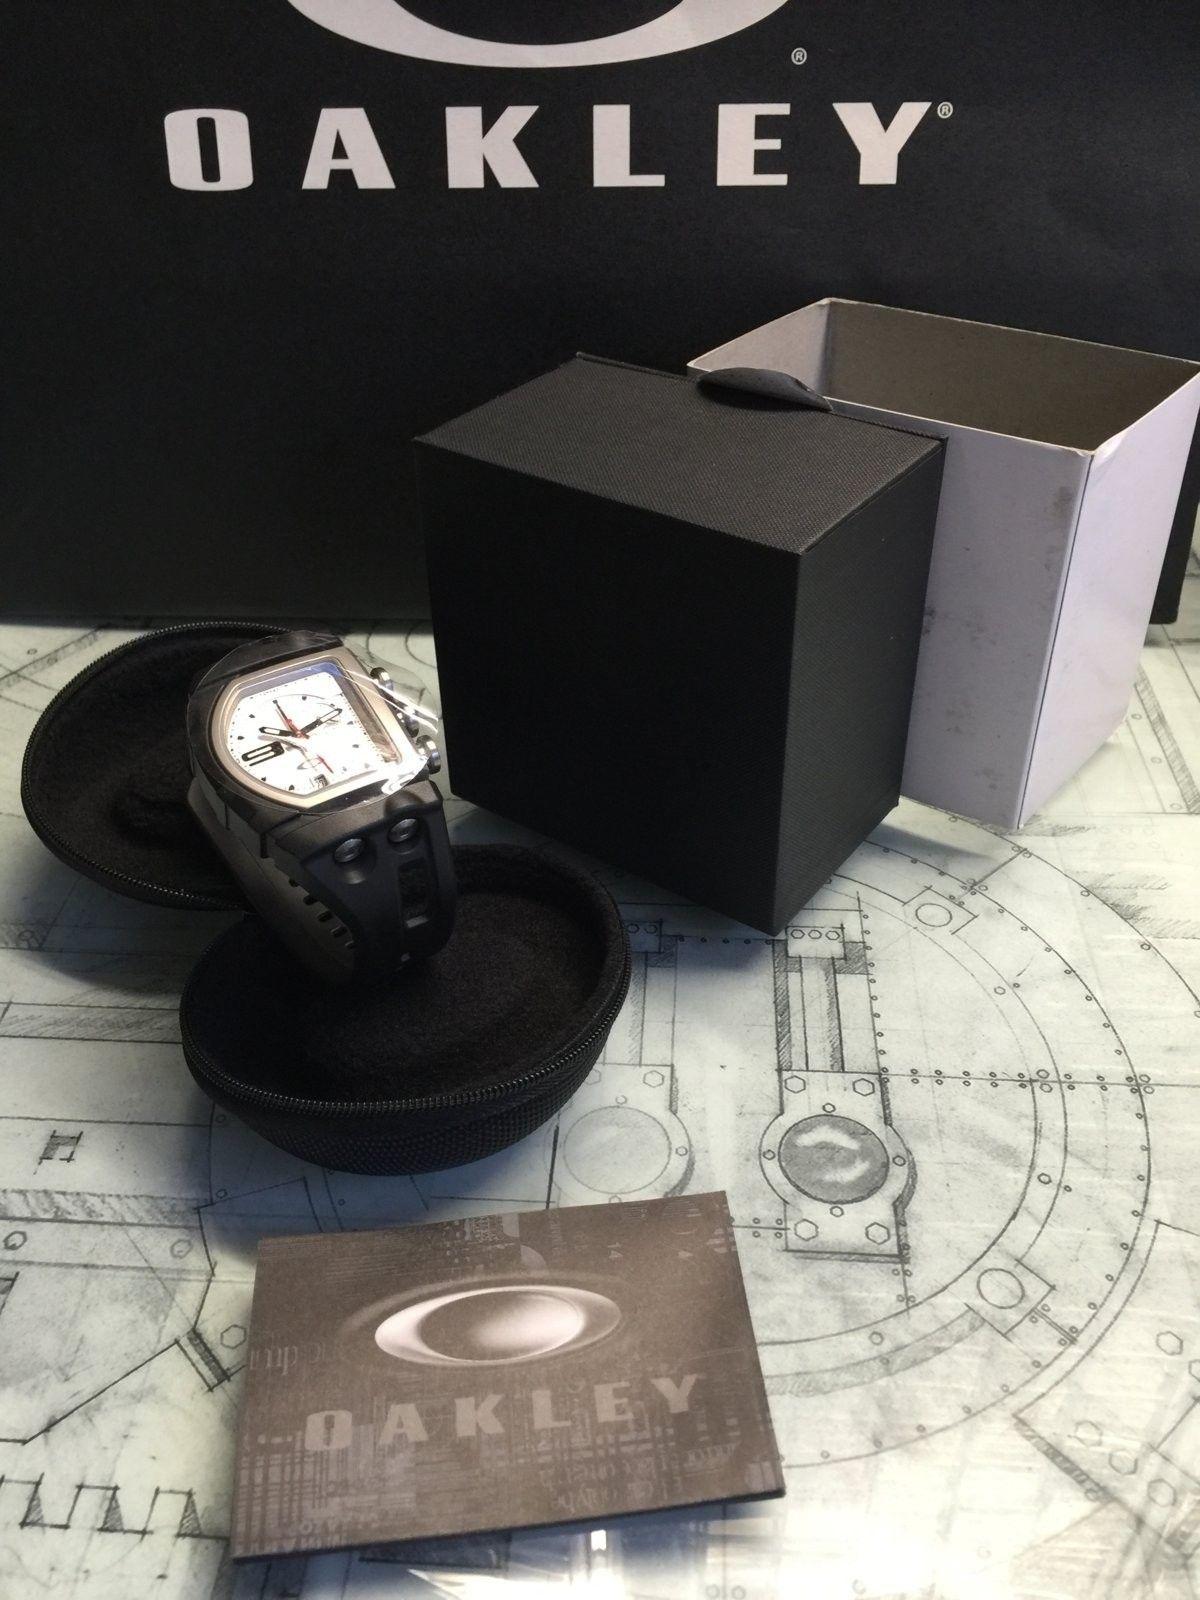 BNIB White dial Fuse Box watch $225 shipped - IMG_2423.JPG